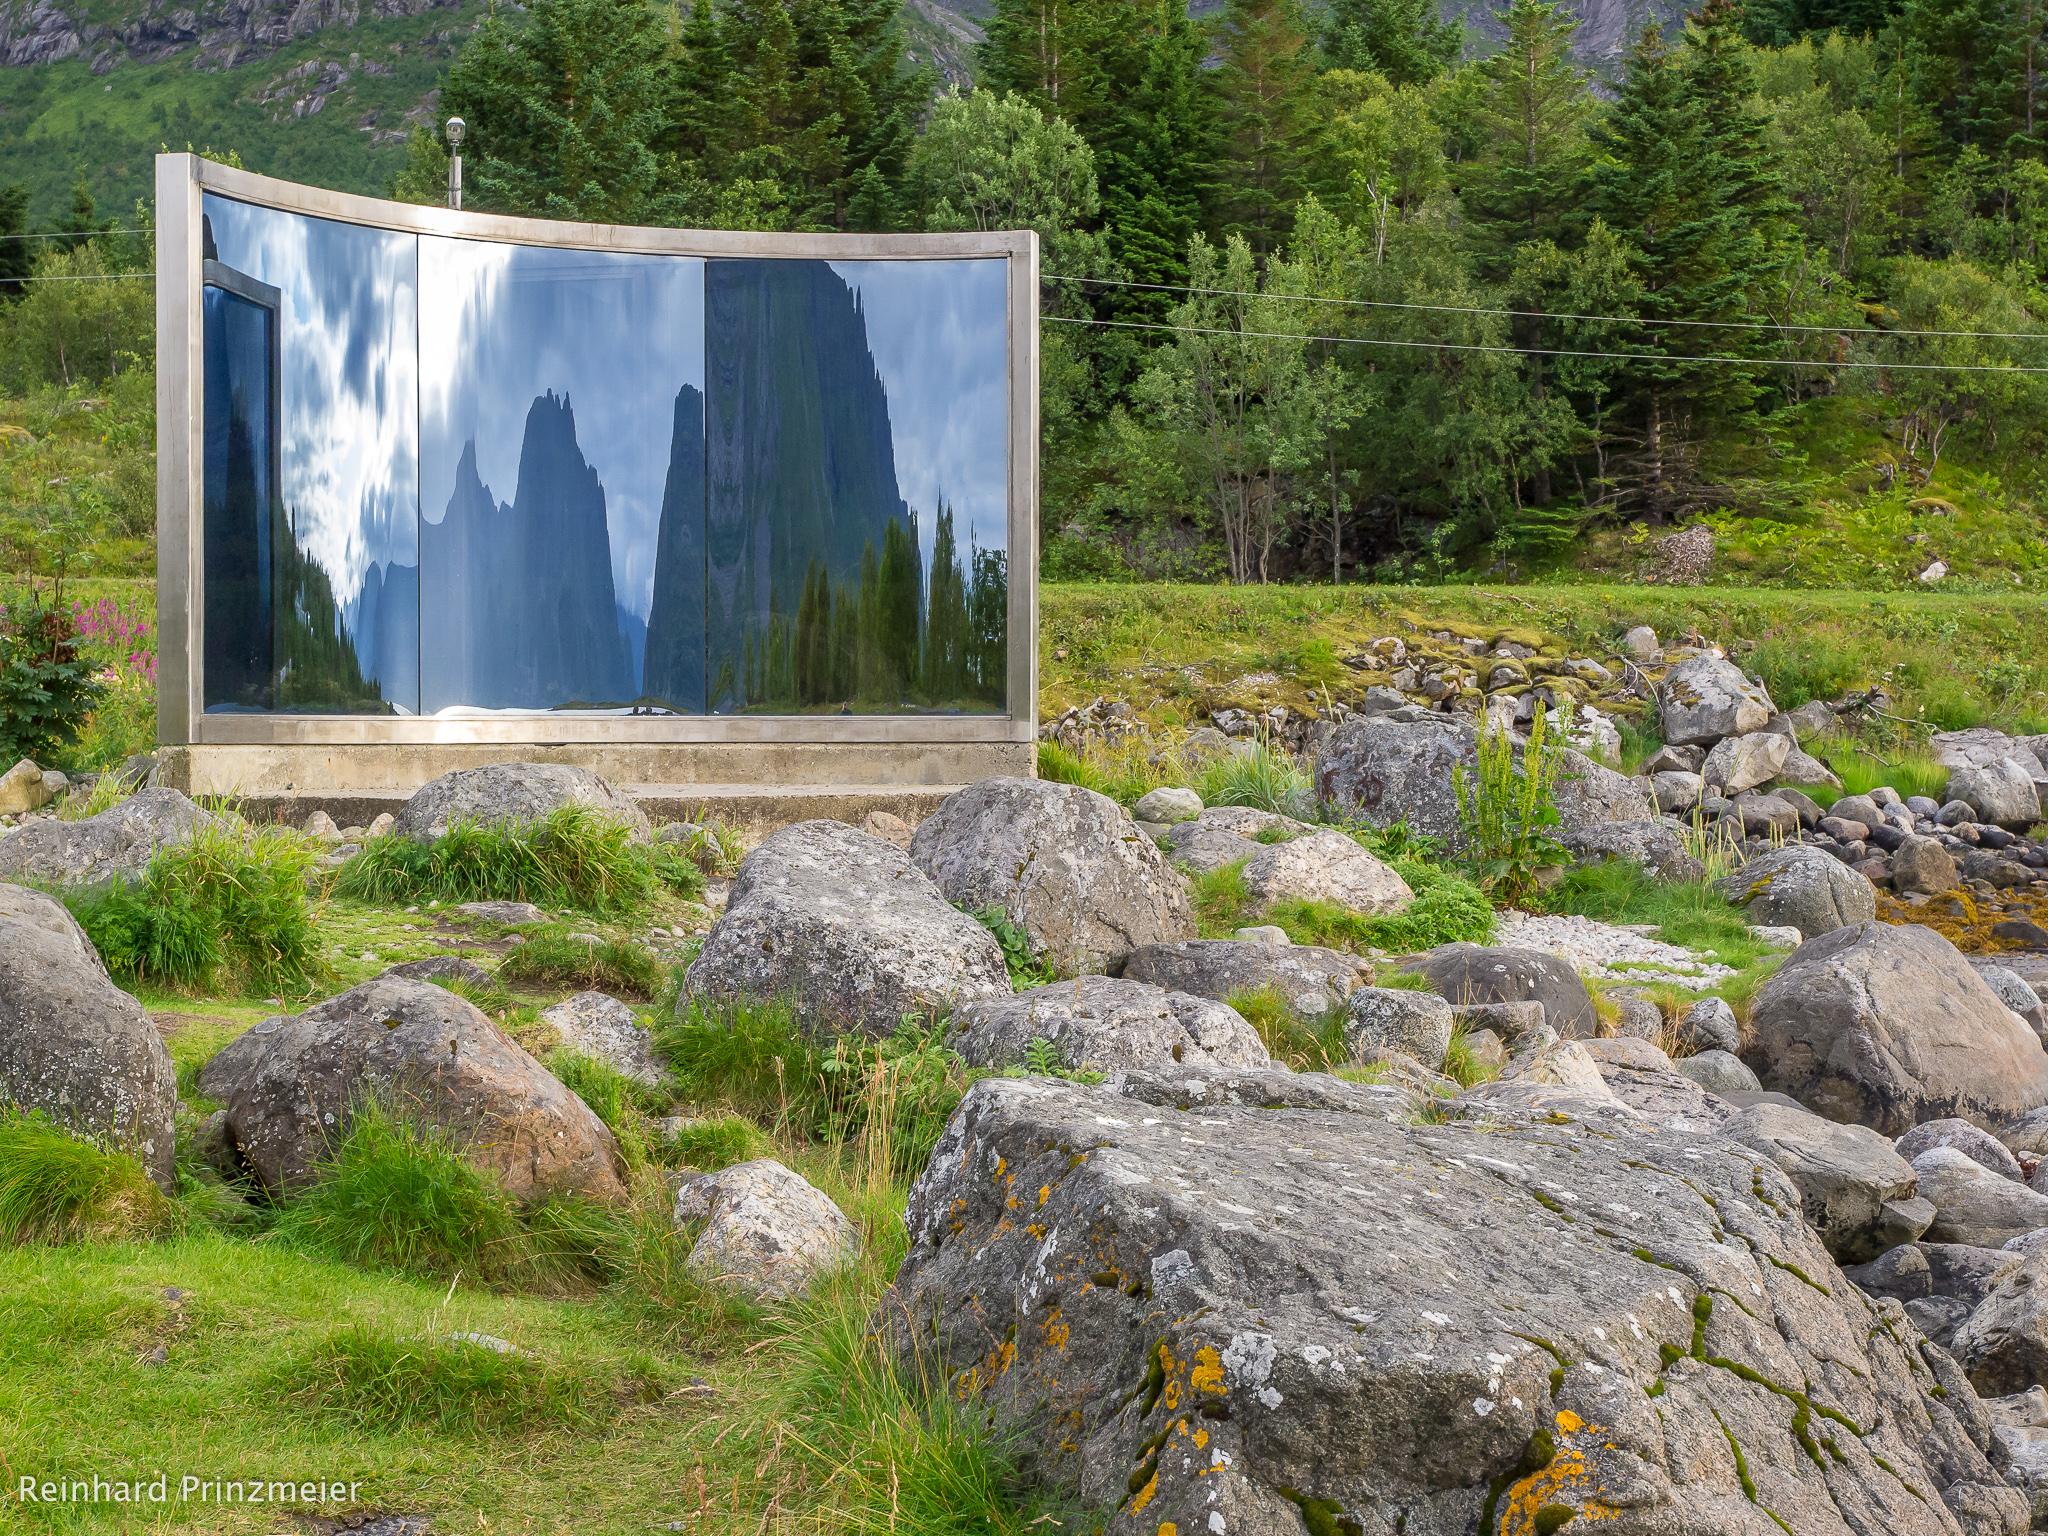 Lyngvær Mirror, Norway